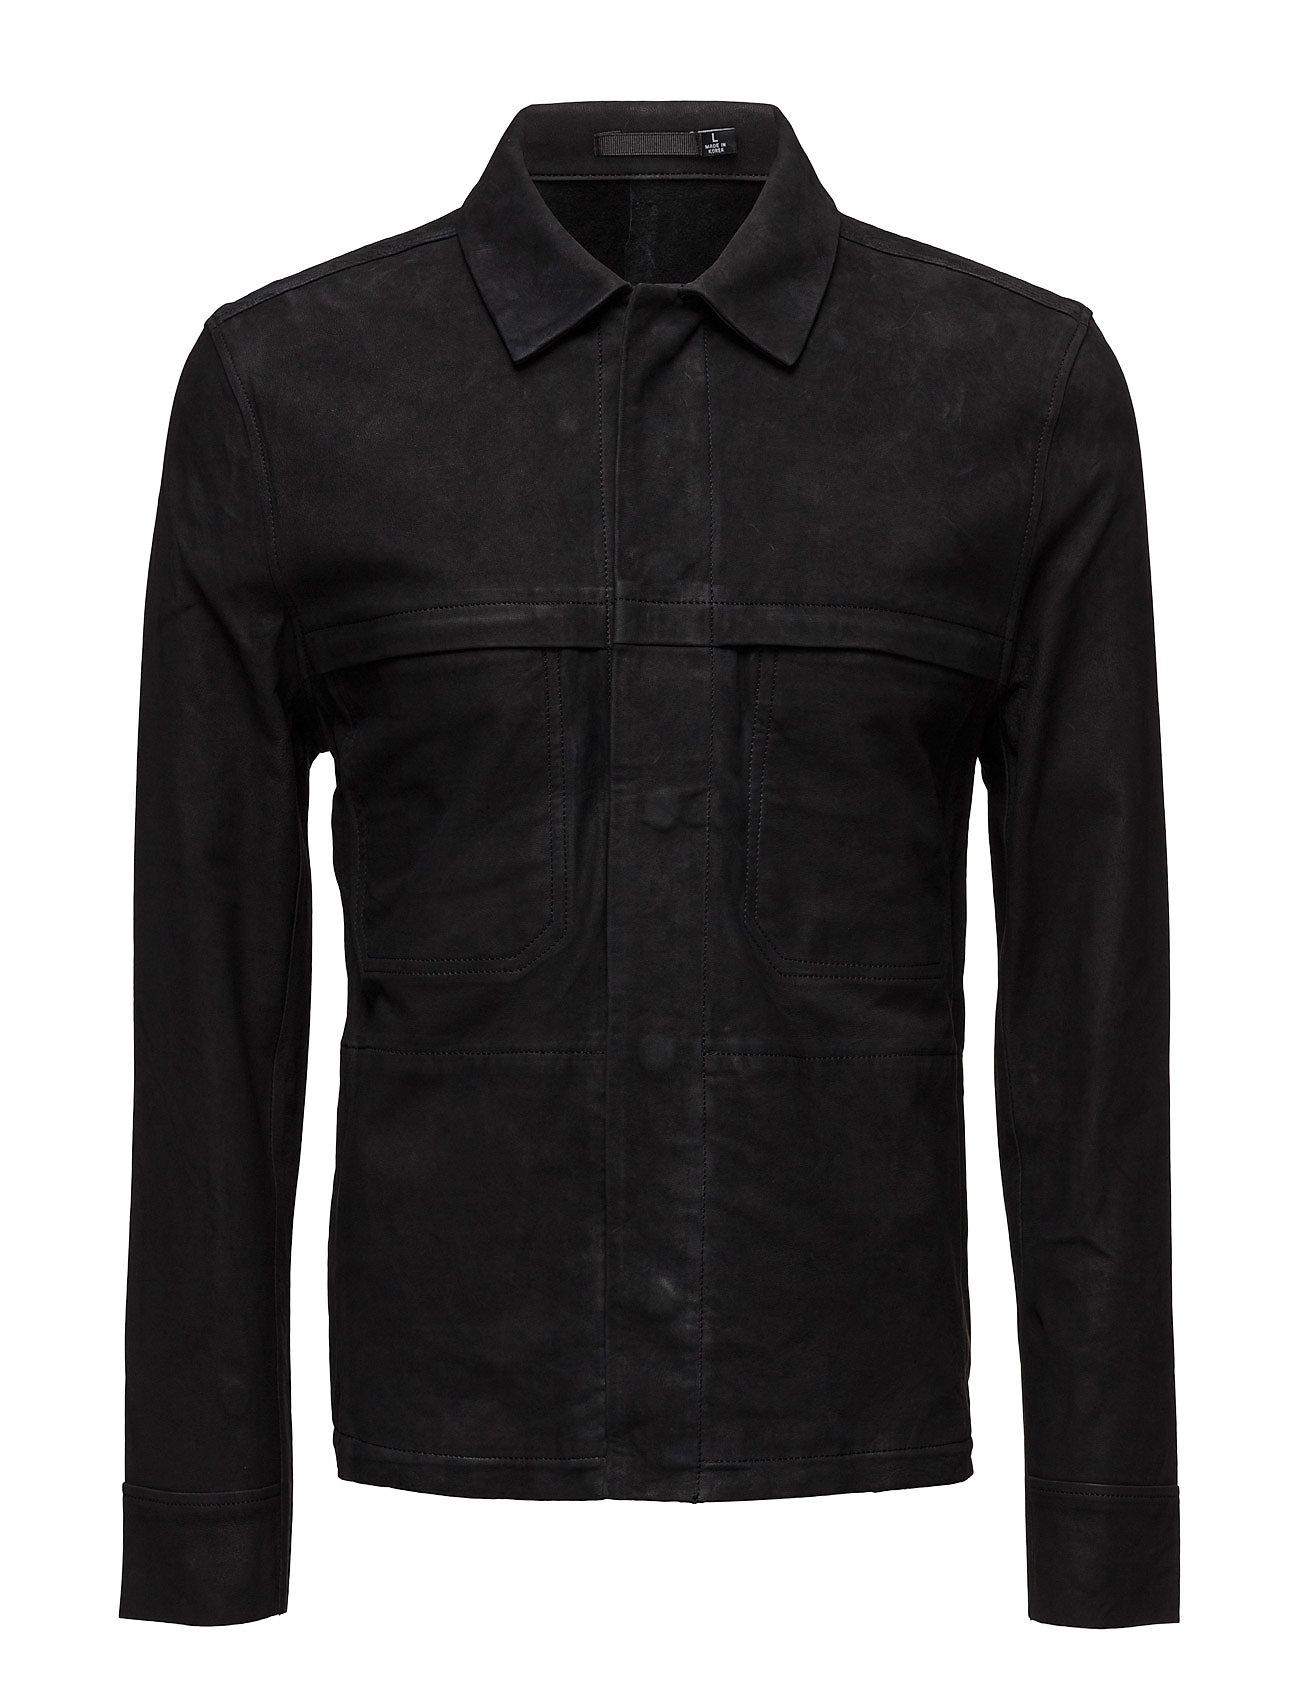 Leather Jacket 48 BLK DNM Jakker til Herrer i Sort